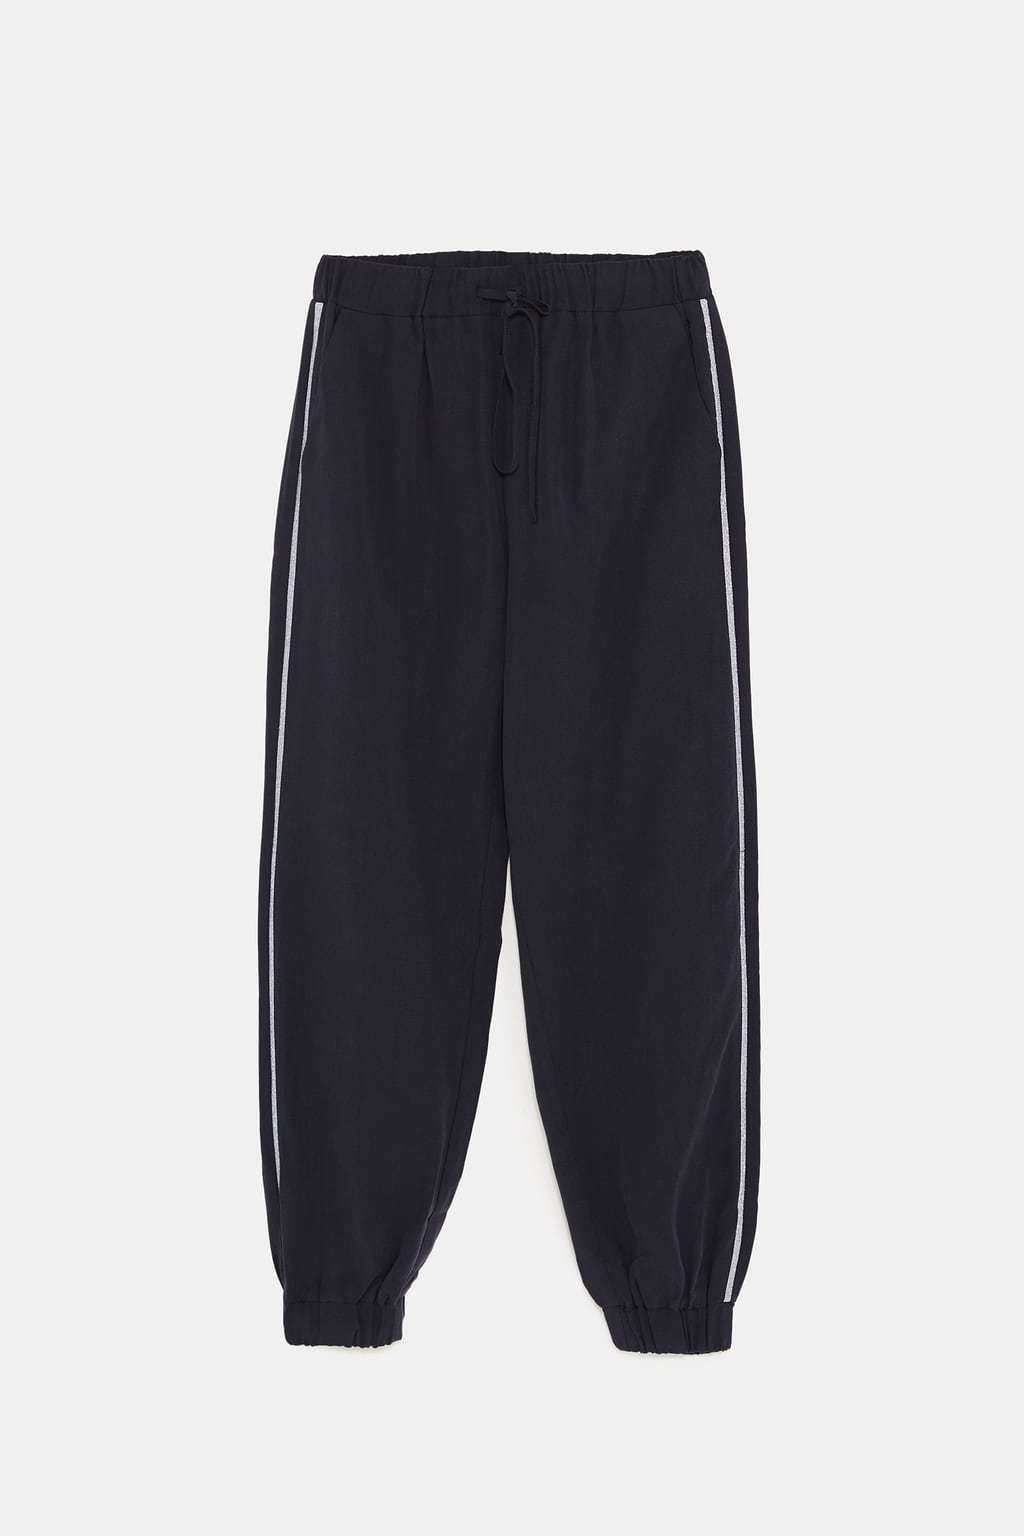 Pantalón jogger banda lateral, de Zara (25,95 euros).